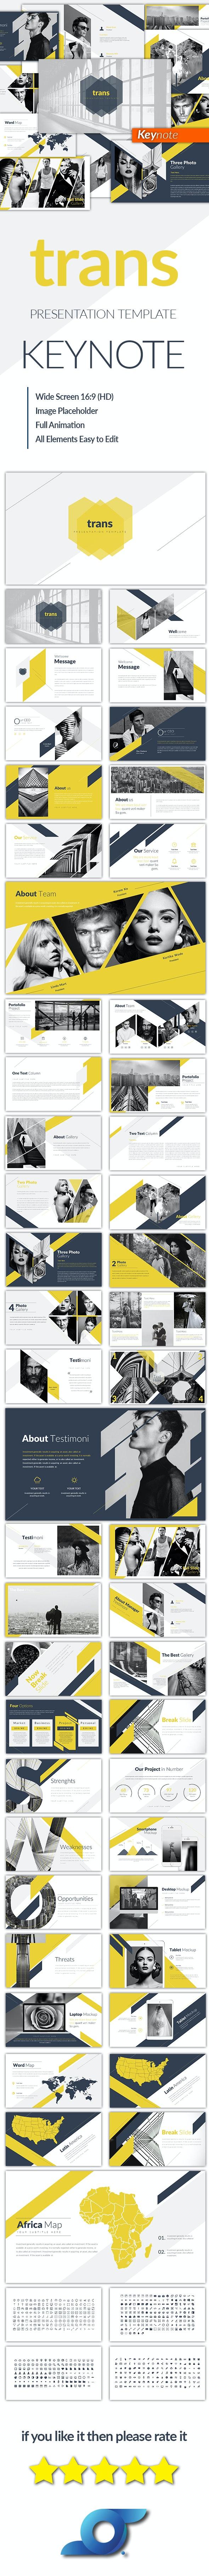 Trans Creative Keynote Templates - Abstract Keynote Templates